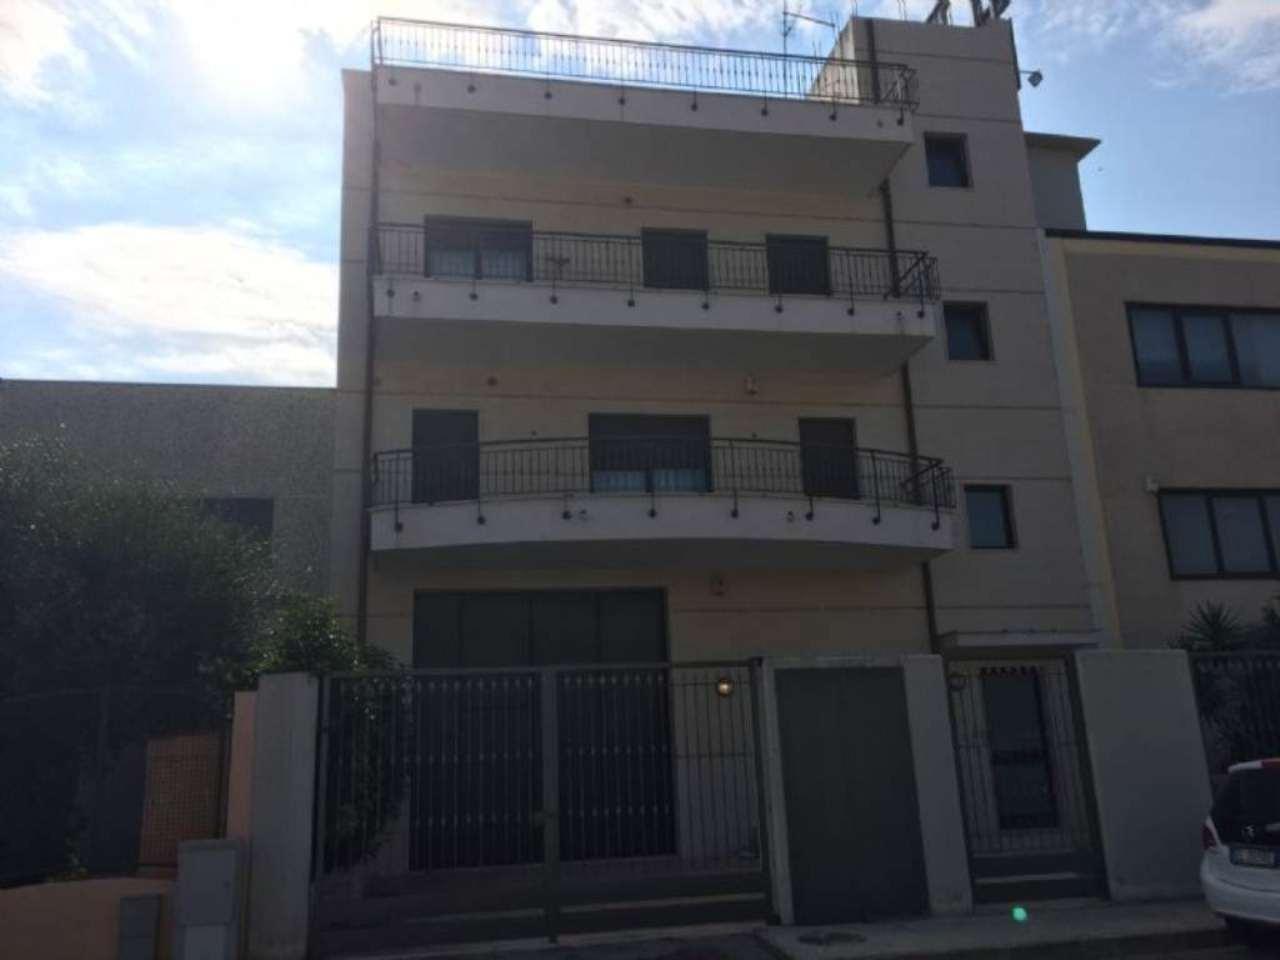 Palazzo / Stabile in vendita a Modugno, 9999 locali, prezzo € 365.000 | Cambio Casa.it